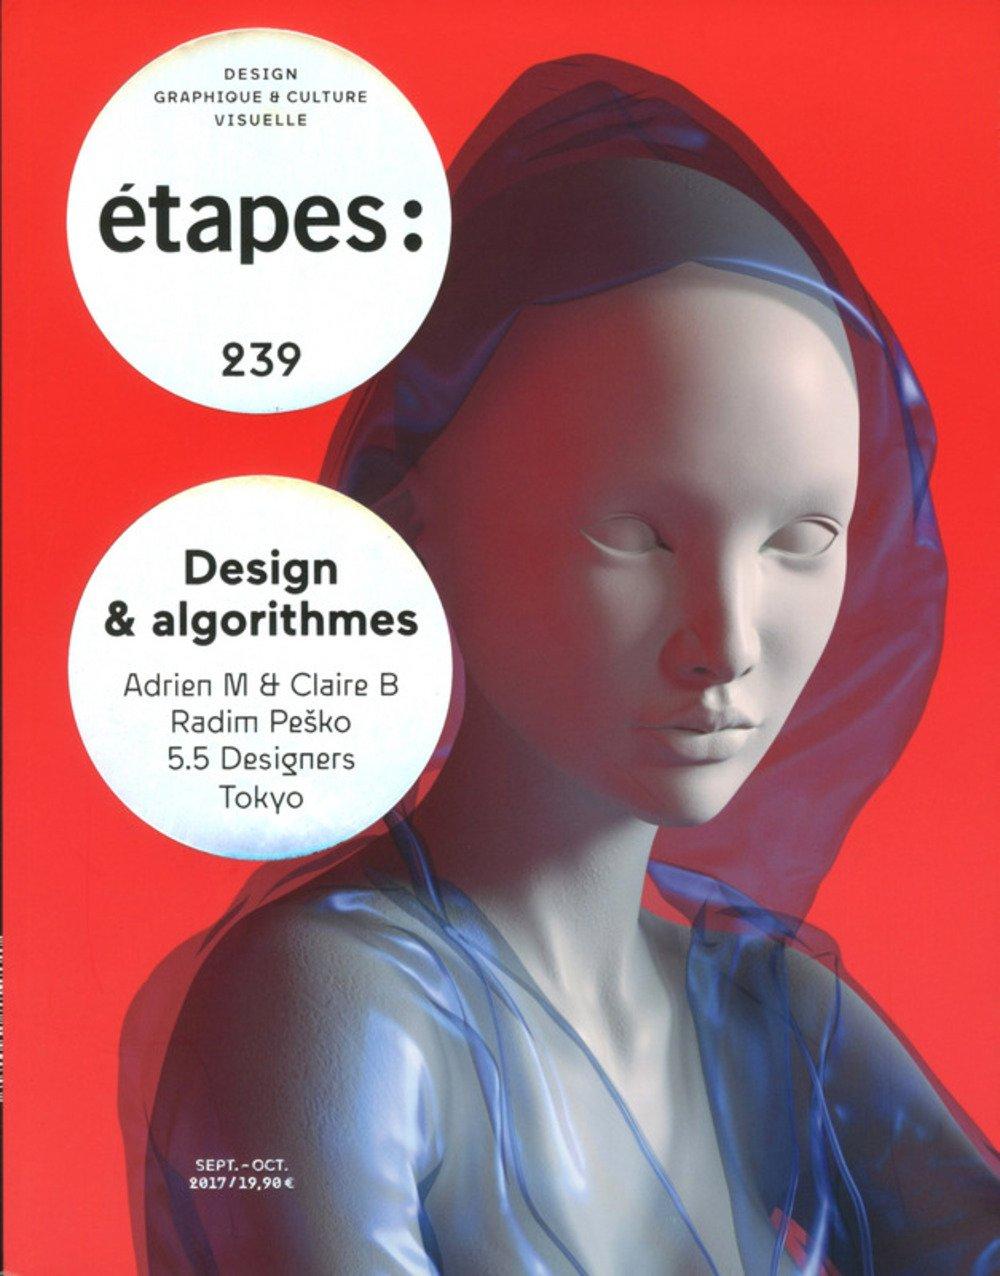 Etapes - numéro 239 Design & algorithmes Broché – 21 septembre 2017 Collectif B071DKB7F8 Arts graphiques (dessin estampes